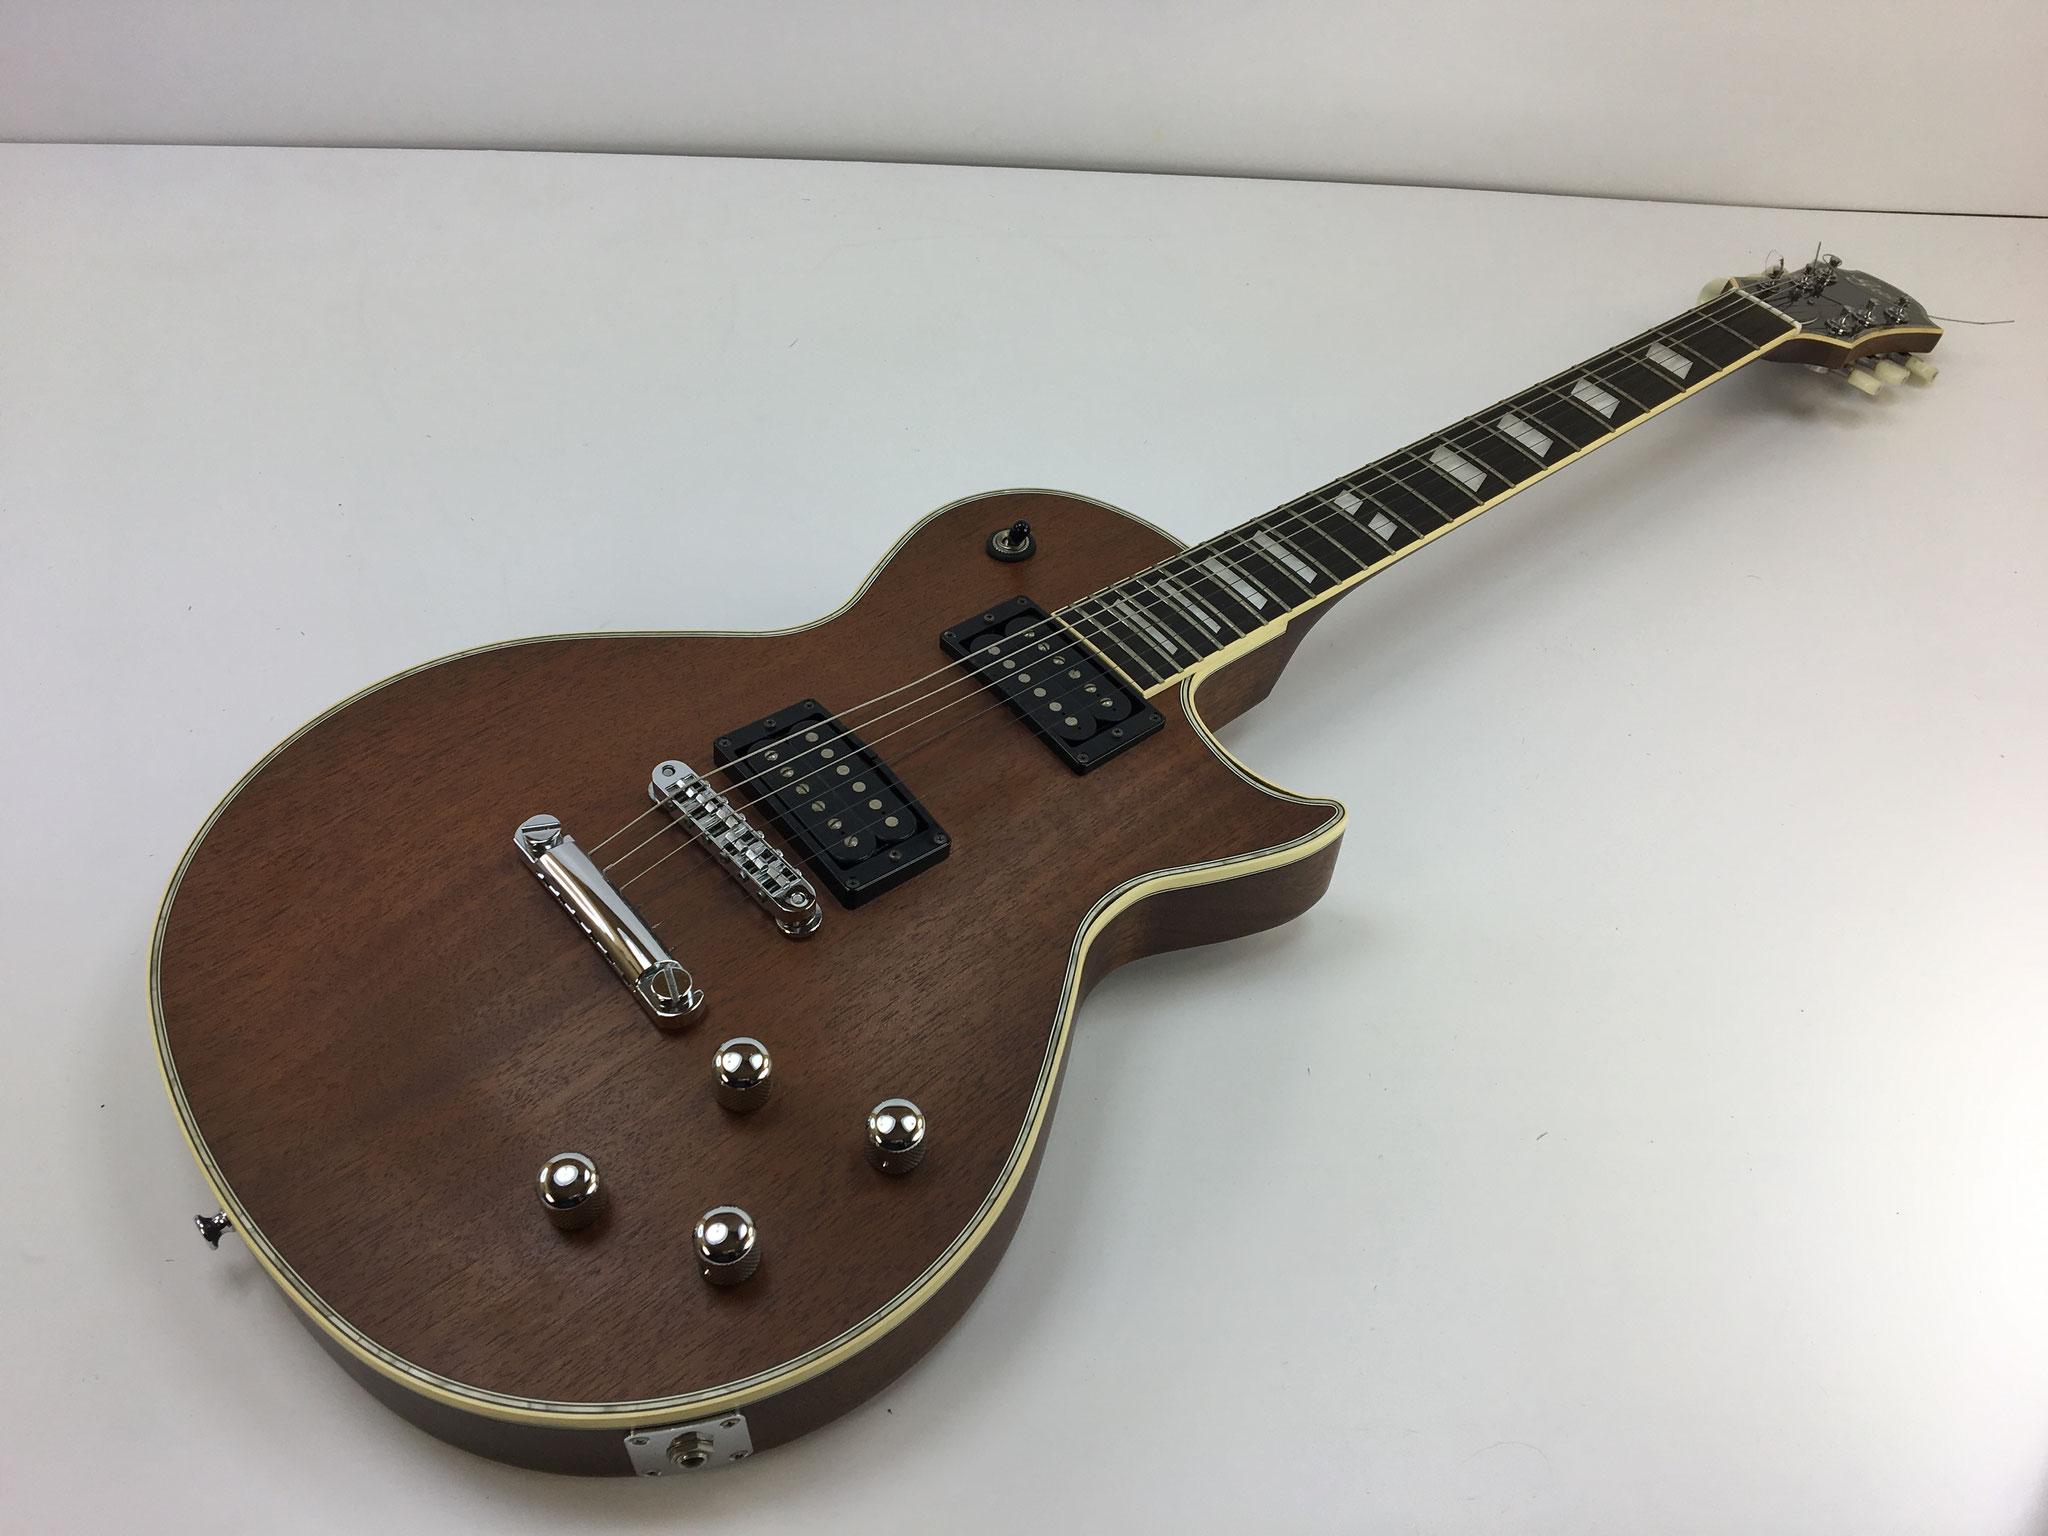 人気のギターブランド、グレコ♫